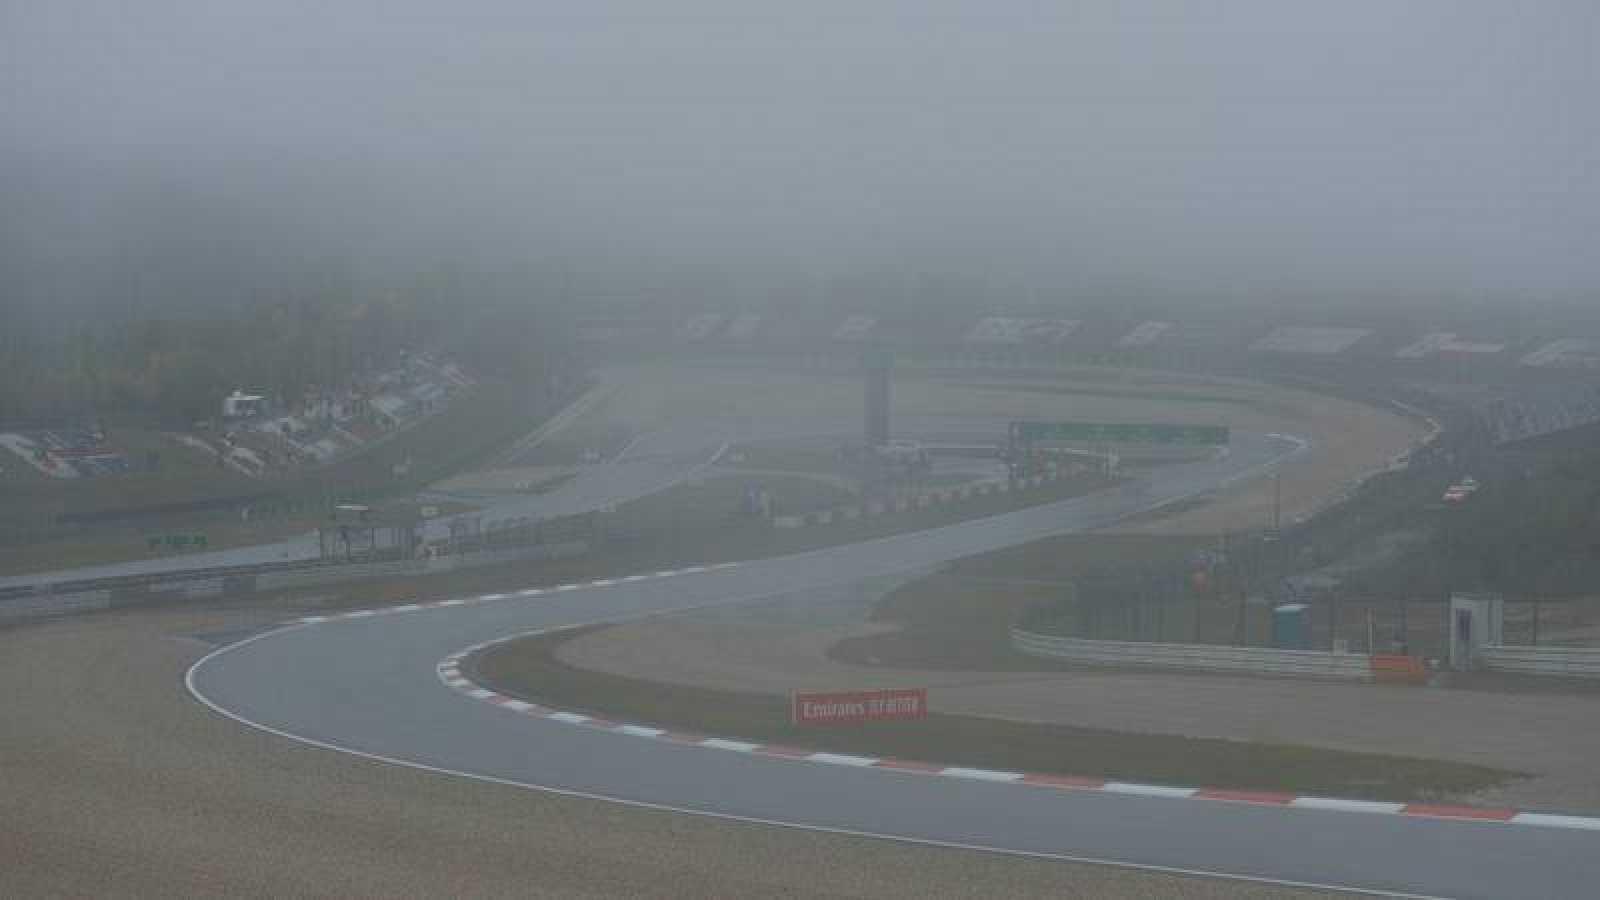 Imagen de la niebla en el circuito de Nürburgring druante el GP de Eiffel de F1.